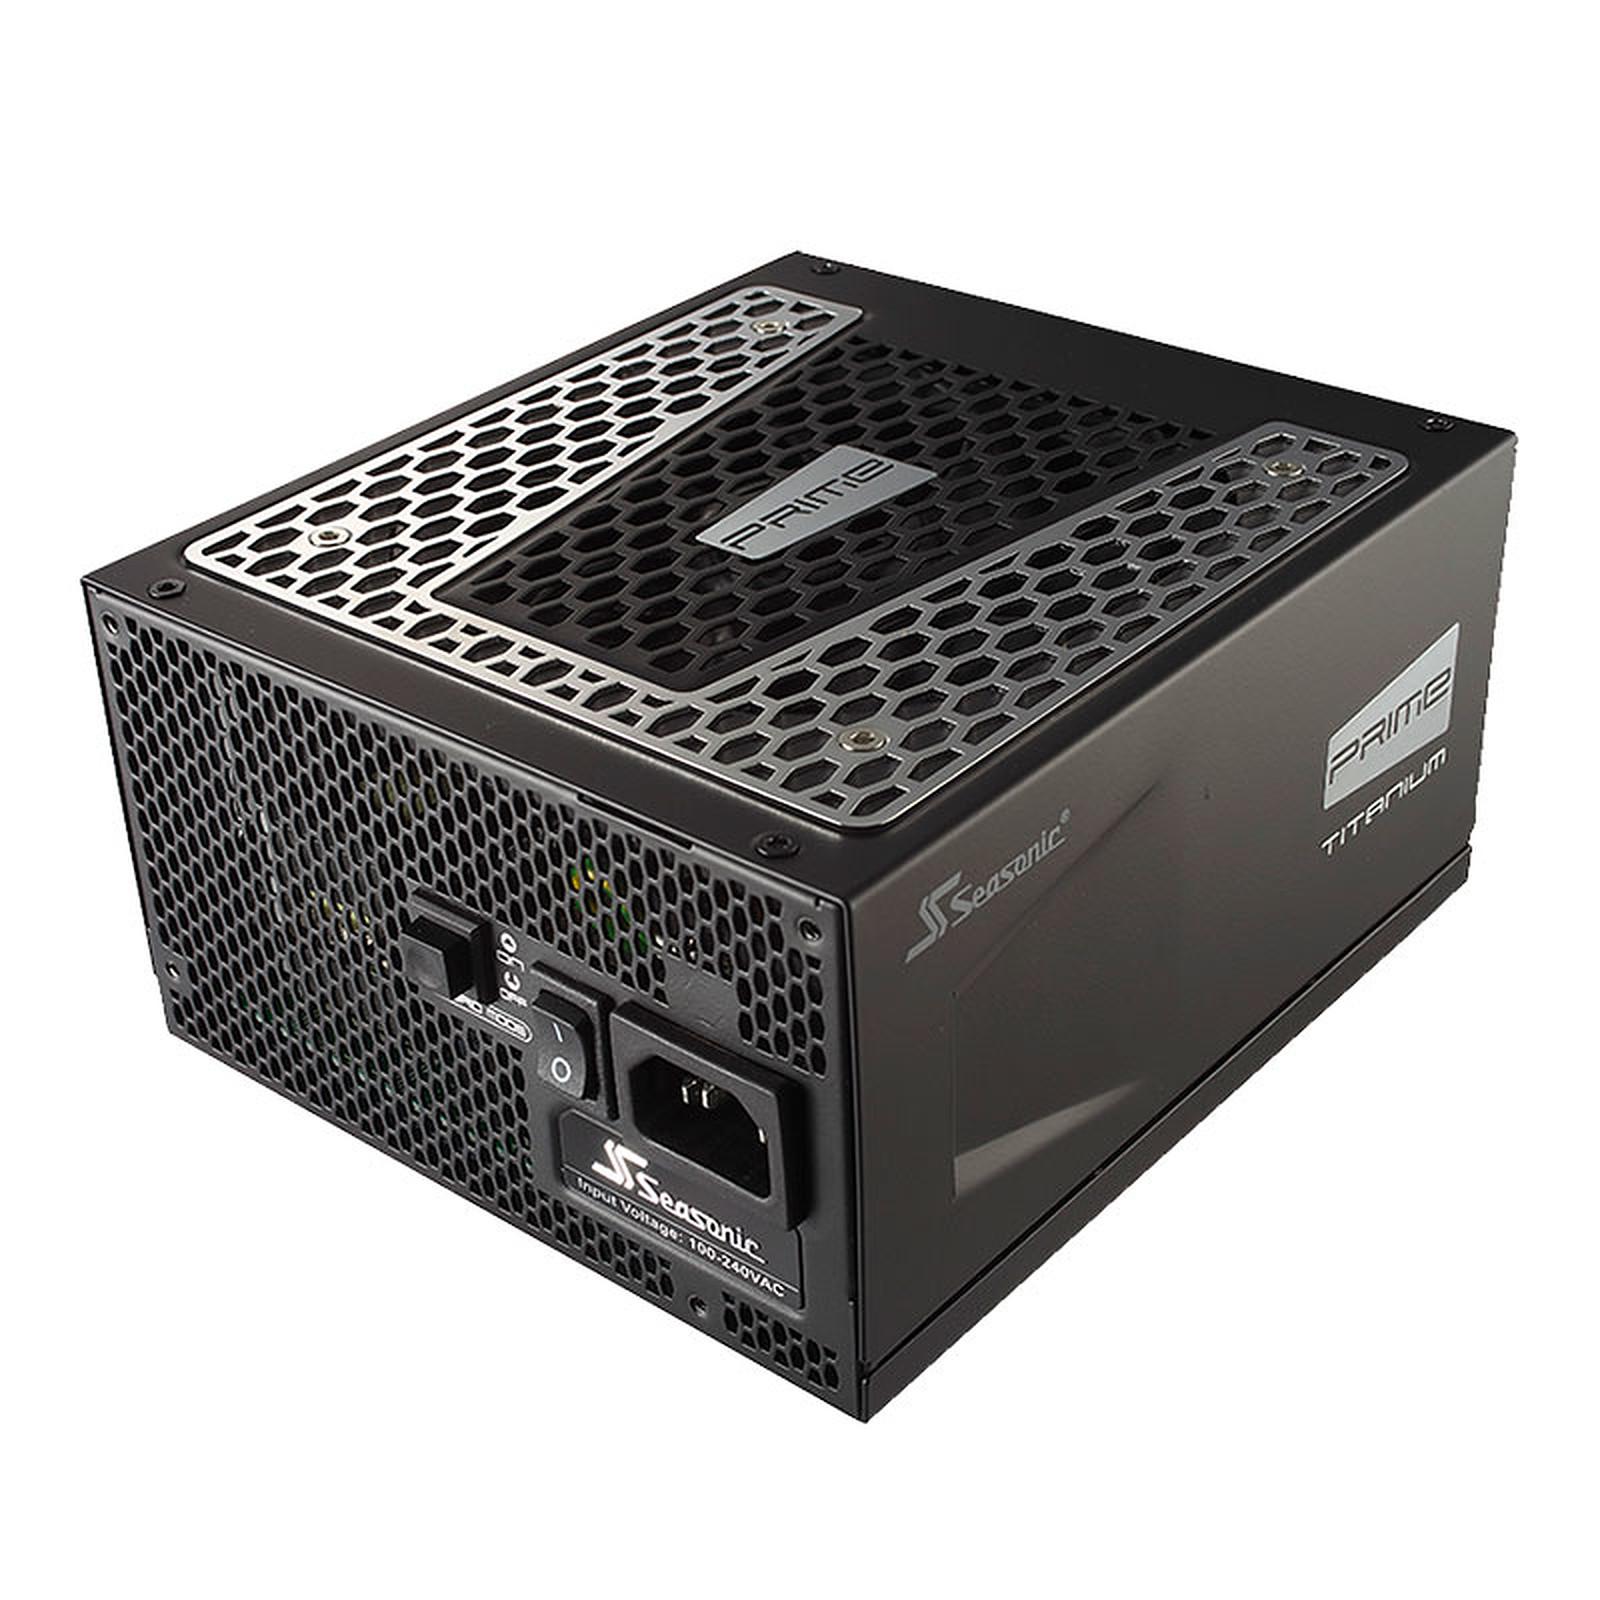 Seasonic PRIME Ultra 750 W Titanium